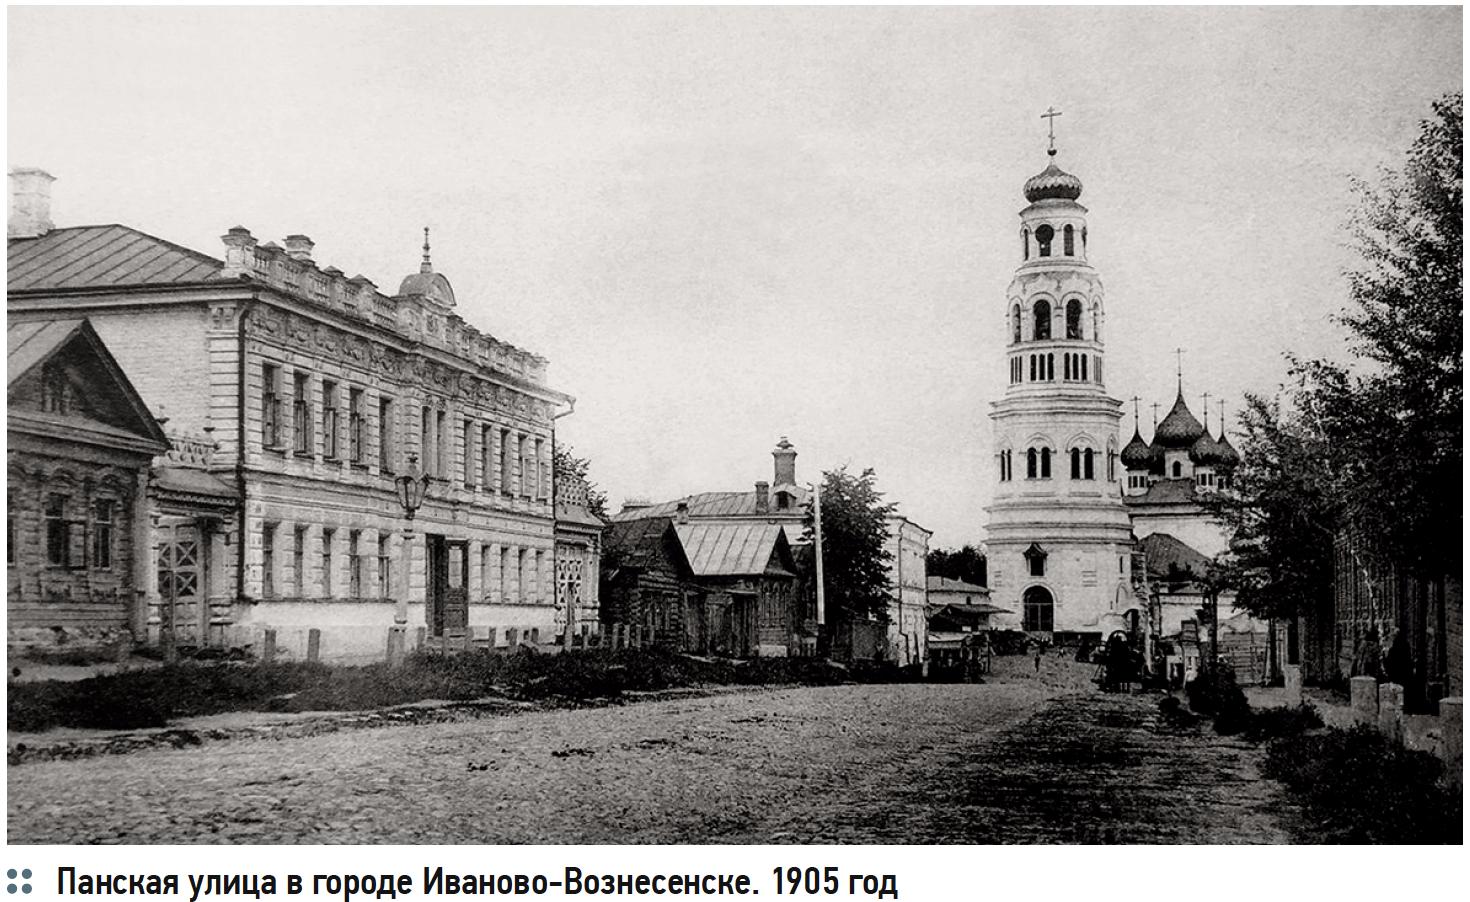 Панская улица в городе Иваново-Вознесенске. 1905 год